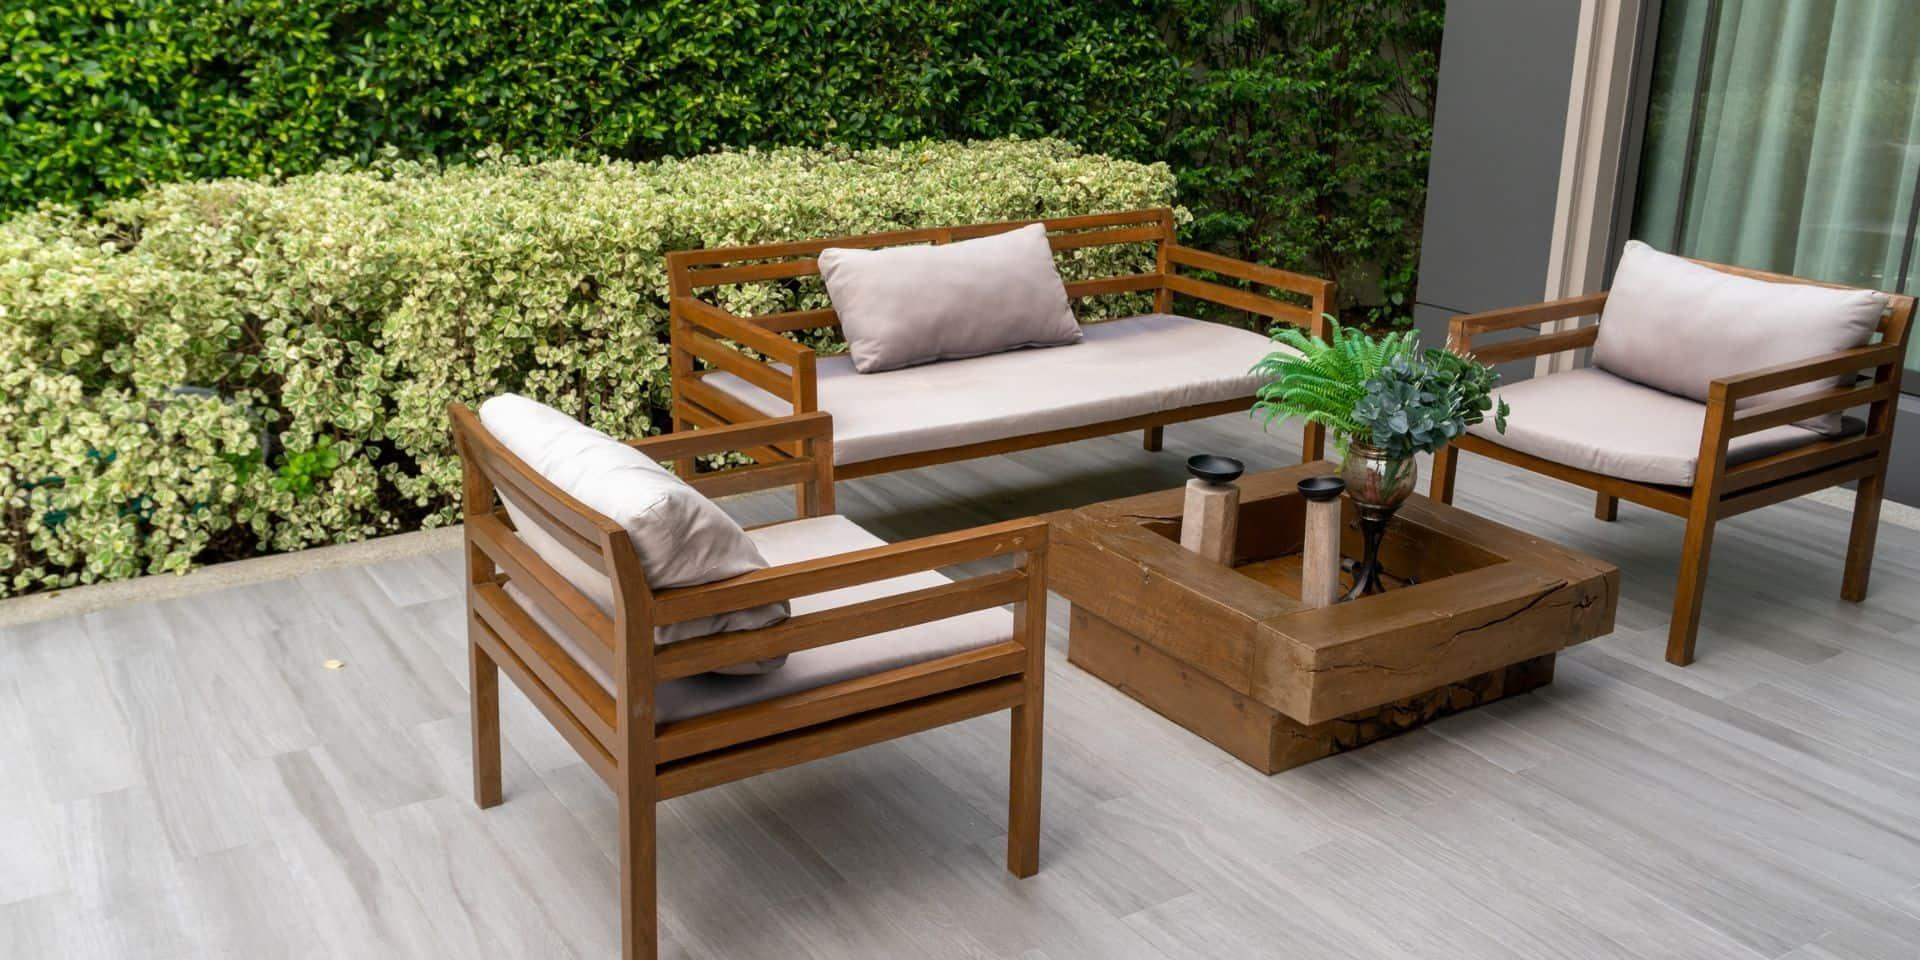 Vélos, meubles de jardin, piscines, matériel de jardinage: l'incroyable business des équipements de plein air!